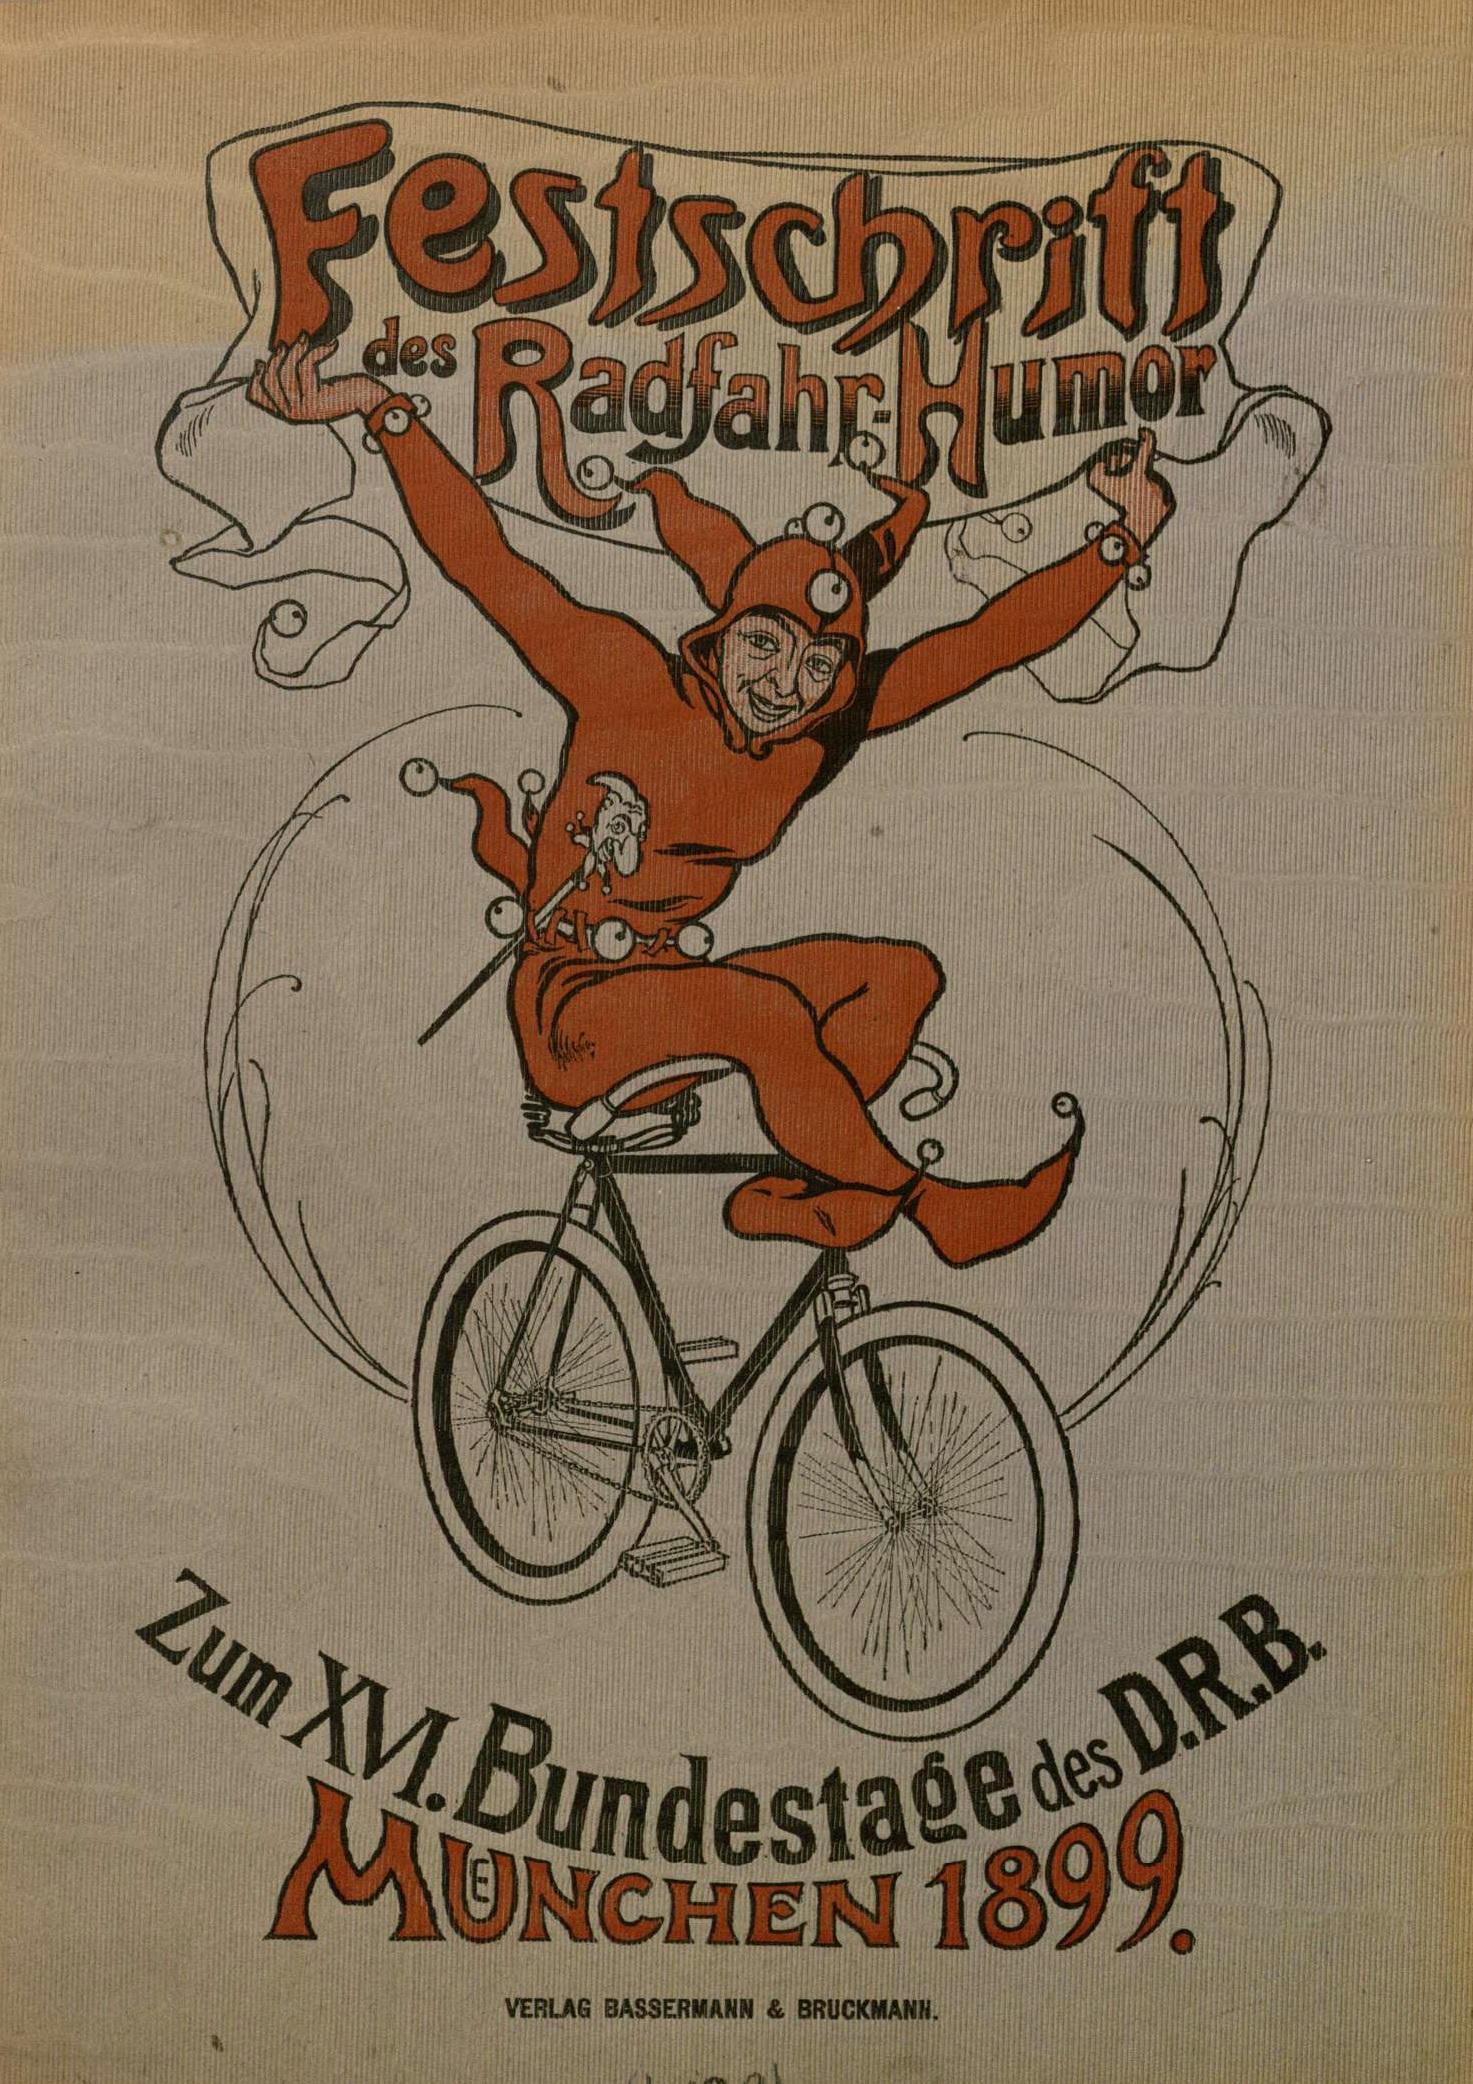 Titelseite der Festschrift für den 7. Bundestag des Deutschen Radfahrer-Bundes